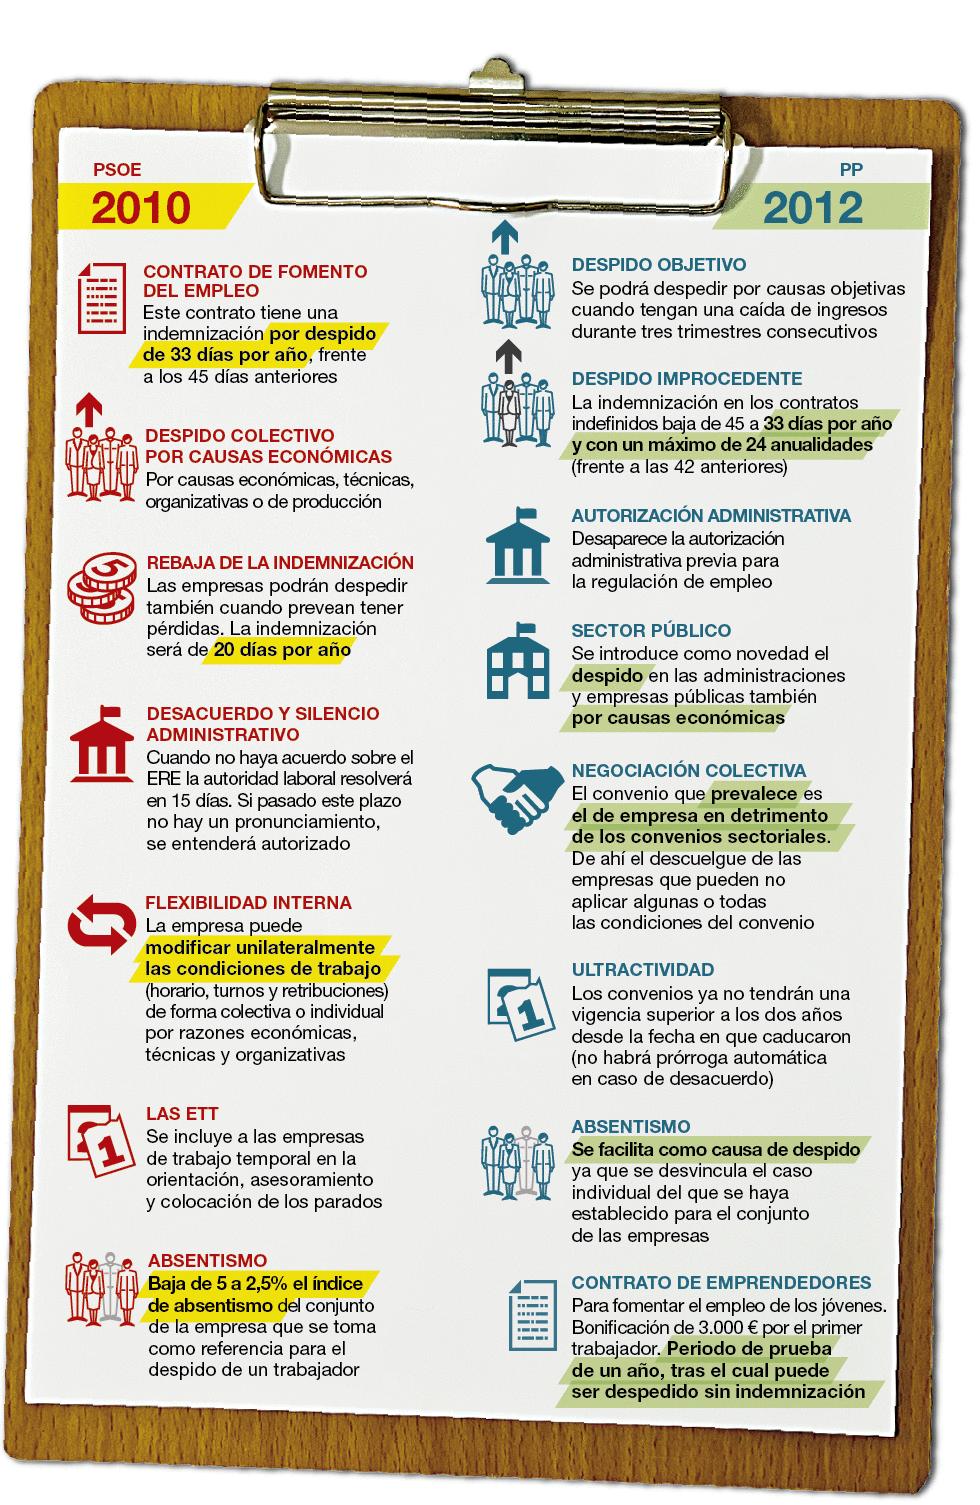 reforma laboral socialista 2010 y la reforma pp